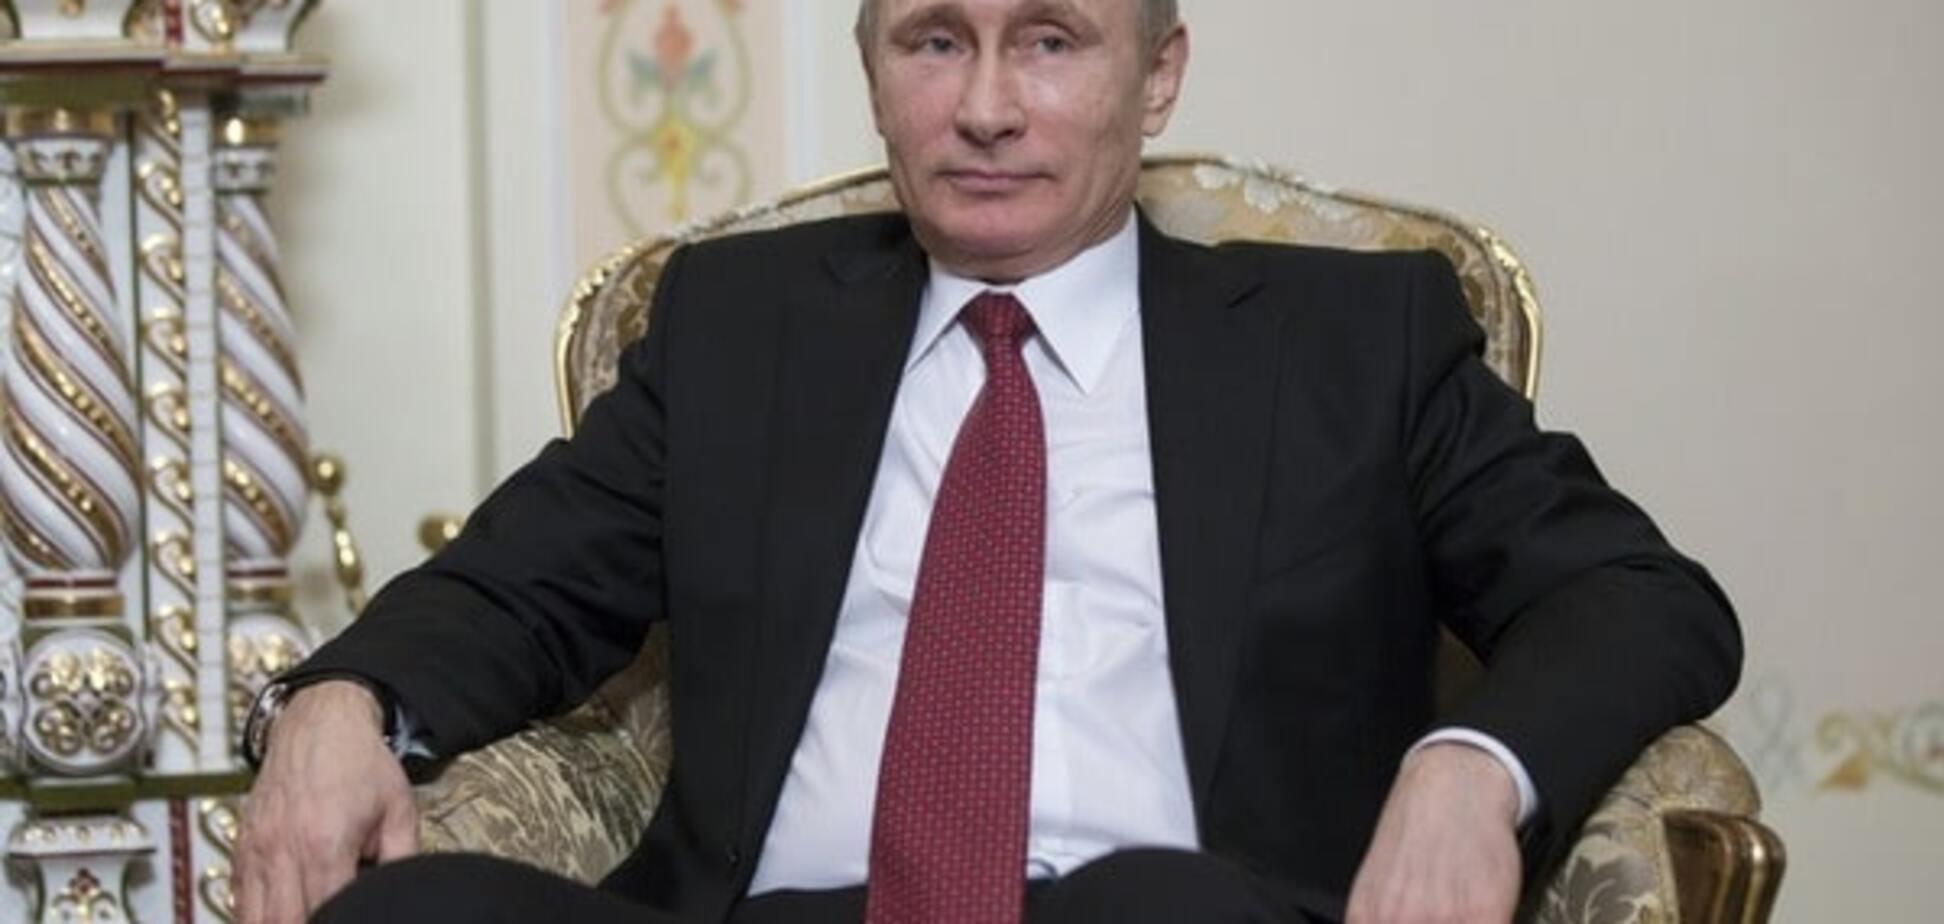 Путін, можливо, особисто схвалив вбивство Литвиненка - офіційний звіт